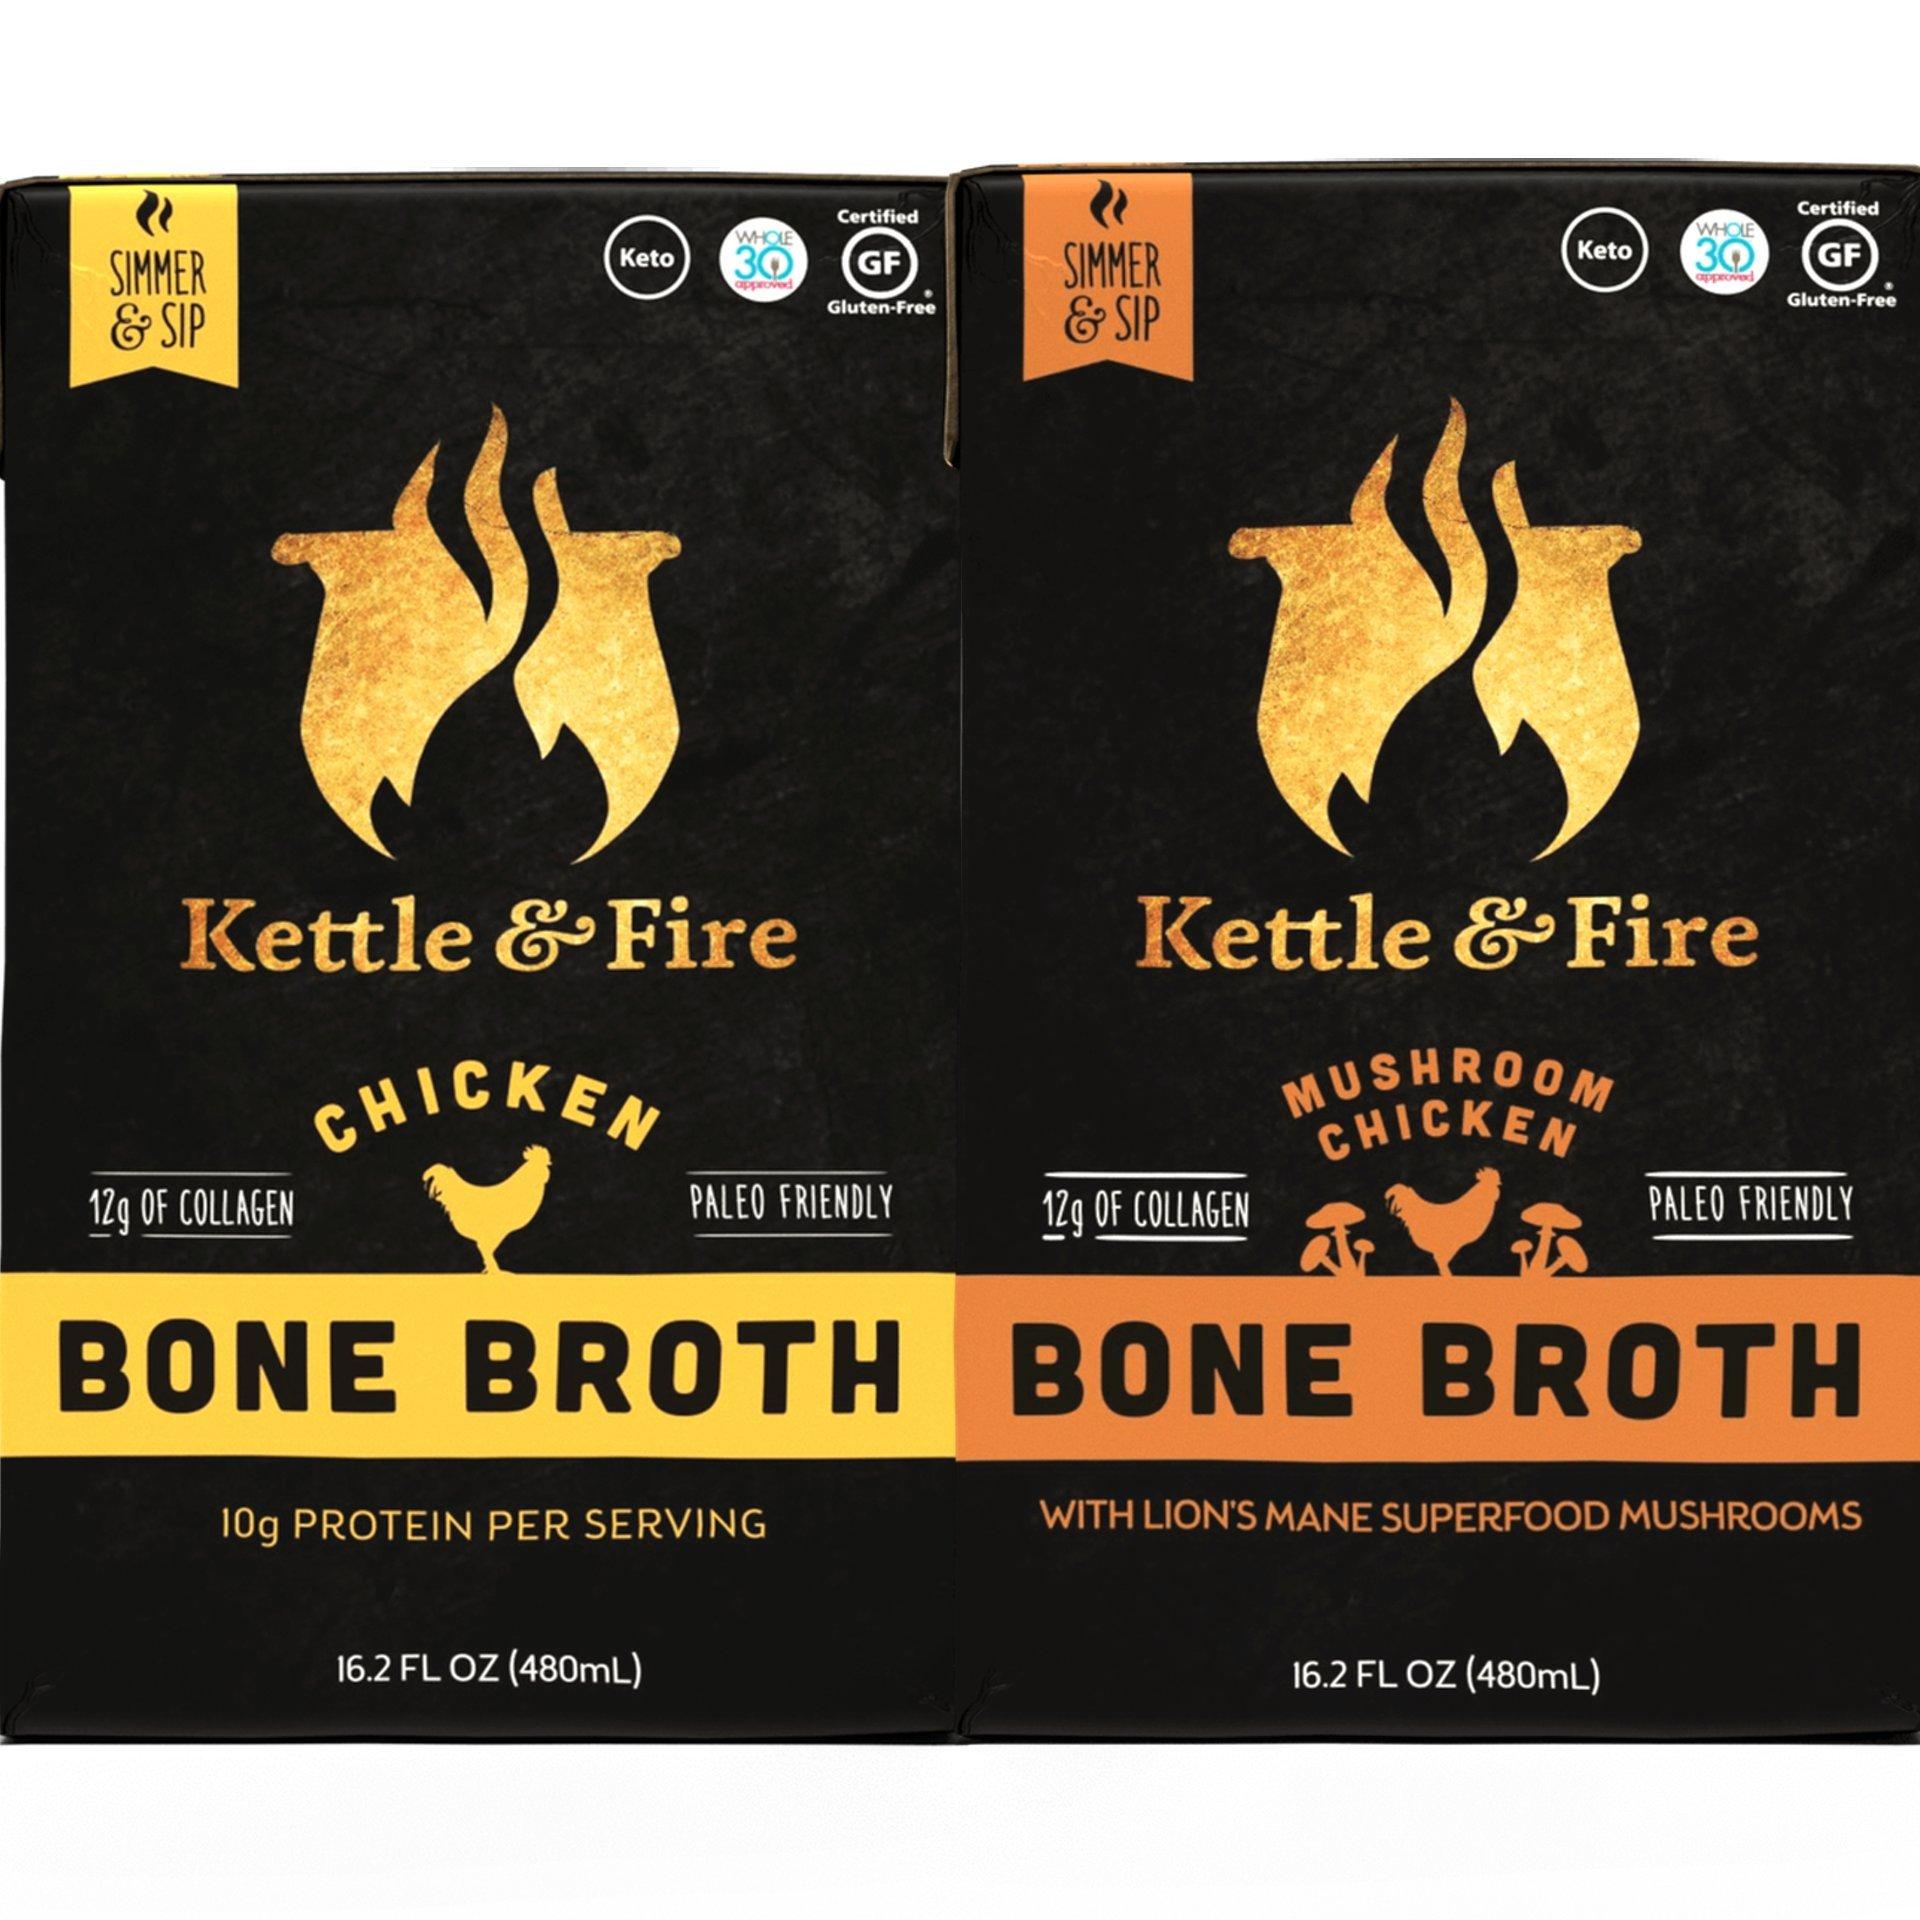 Mushroom & Chicken Bone Broths- 2 Pack (1 Mushroom Chicken / 1 Chicken) of Collagen & Gelatin Rich Bonebroth Stock for Ketogenic/Paleo/Gluten Free/Whole 30 Diet Friendly Nutrition from Ancient Source